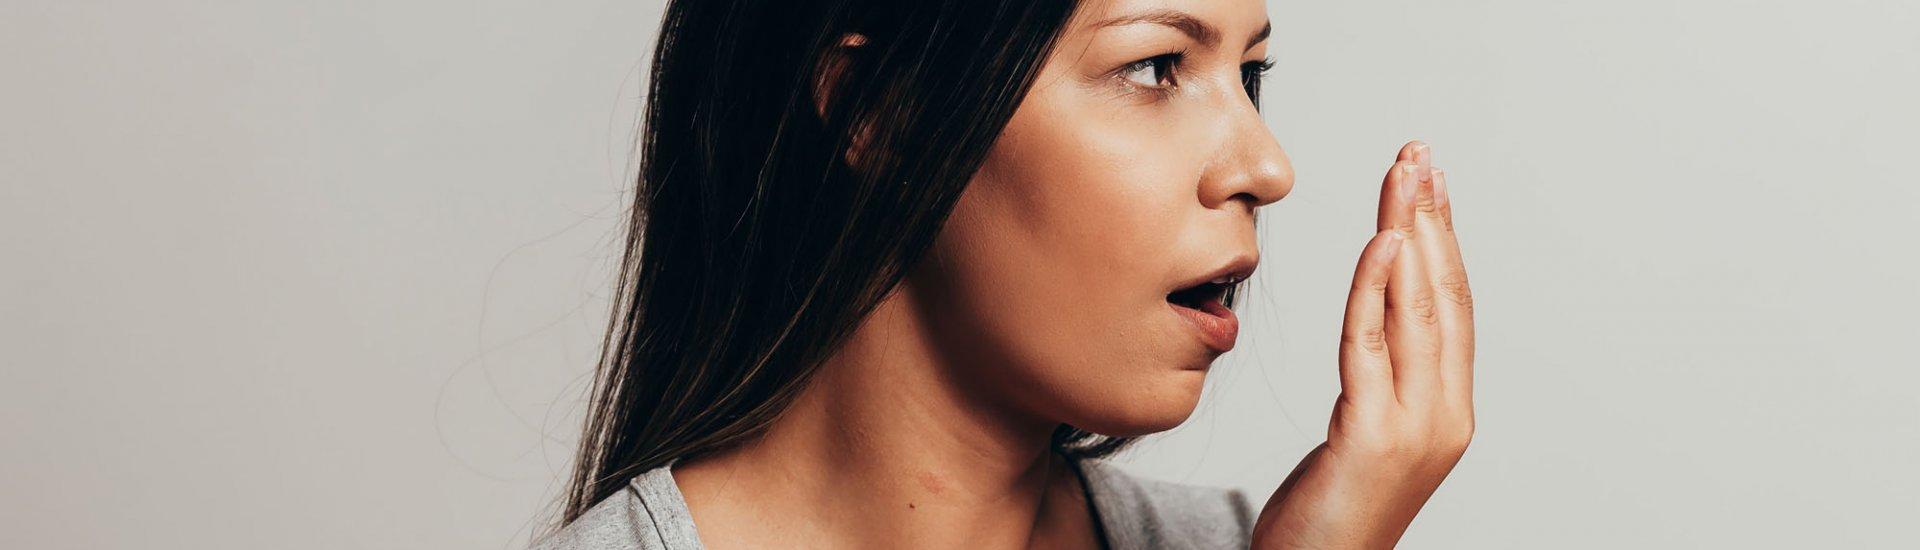 Was tun gegen Mundgeruch? Arten, Ursachen & Hausmittel